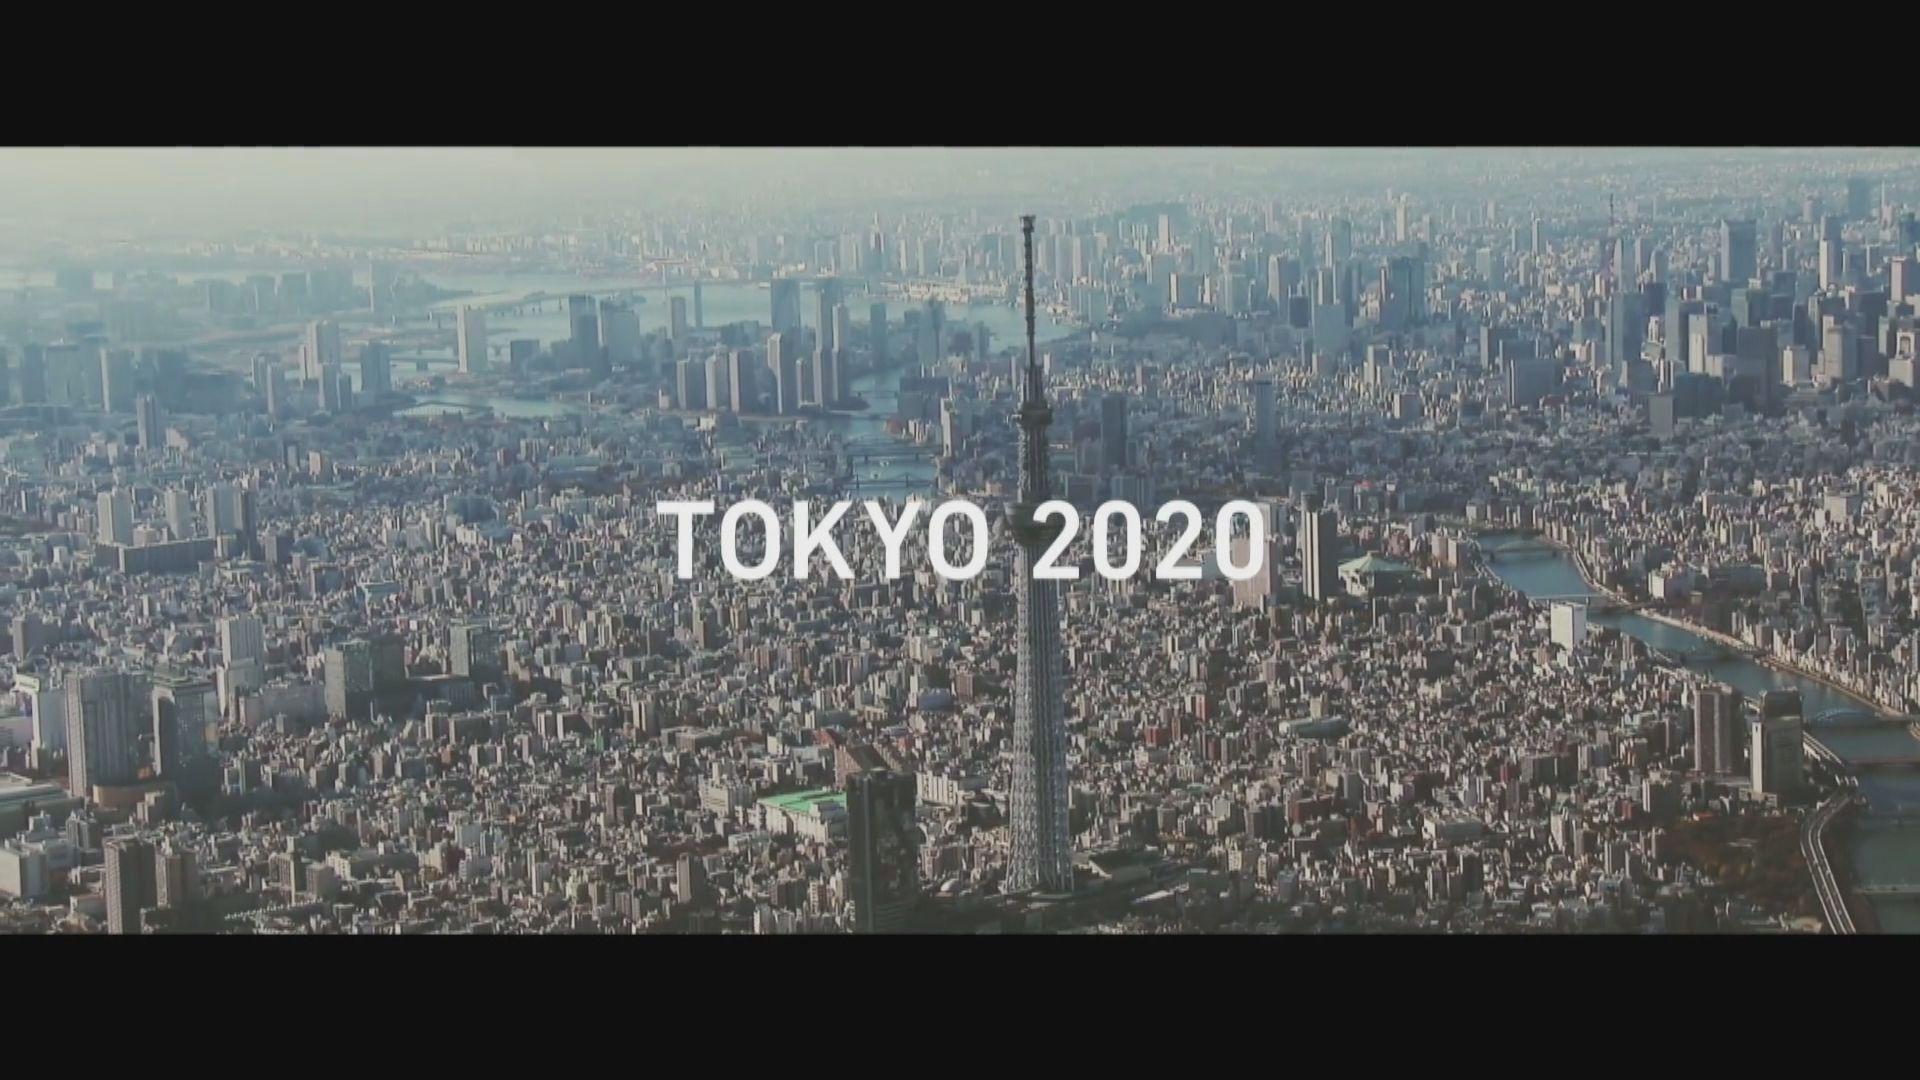 【環球薈報】東京奧運義工已有逾16萬人申請